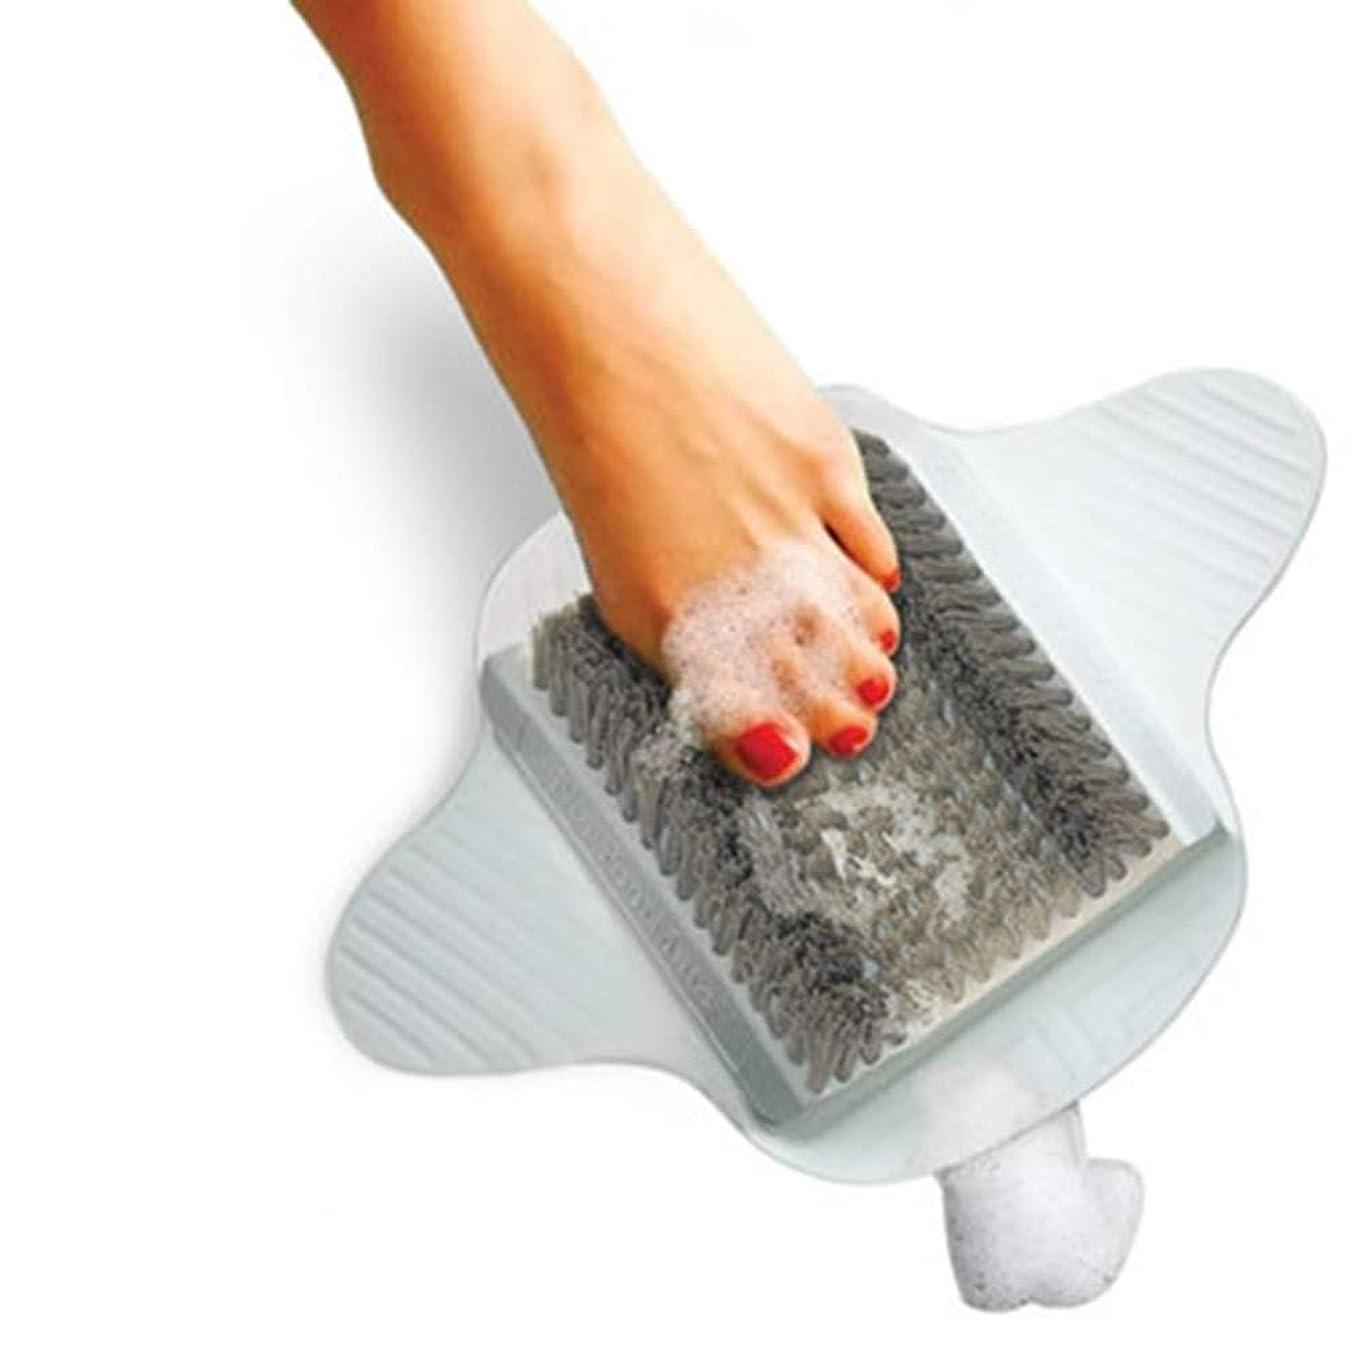 愚か有効化マキシム足スクラバーブラシ剥離足用クリーナースクラブマッサージスパシャワー入浴これ以上曲げる必要はありませんそしてあなたの手を解放します (グレー)